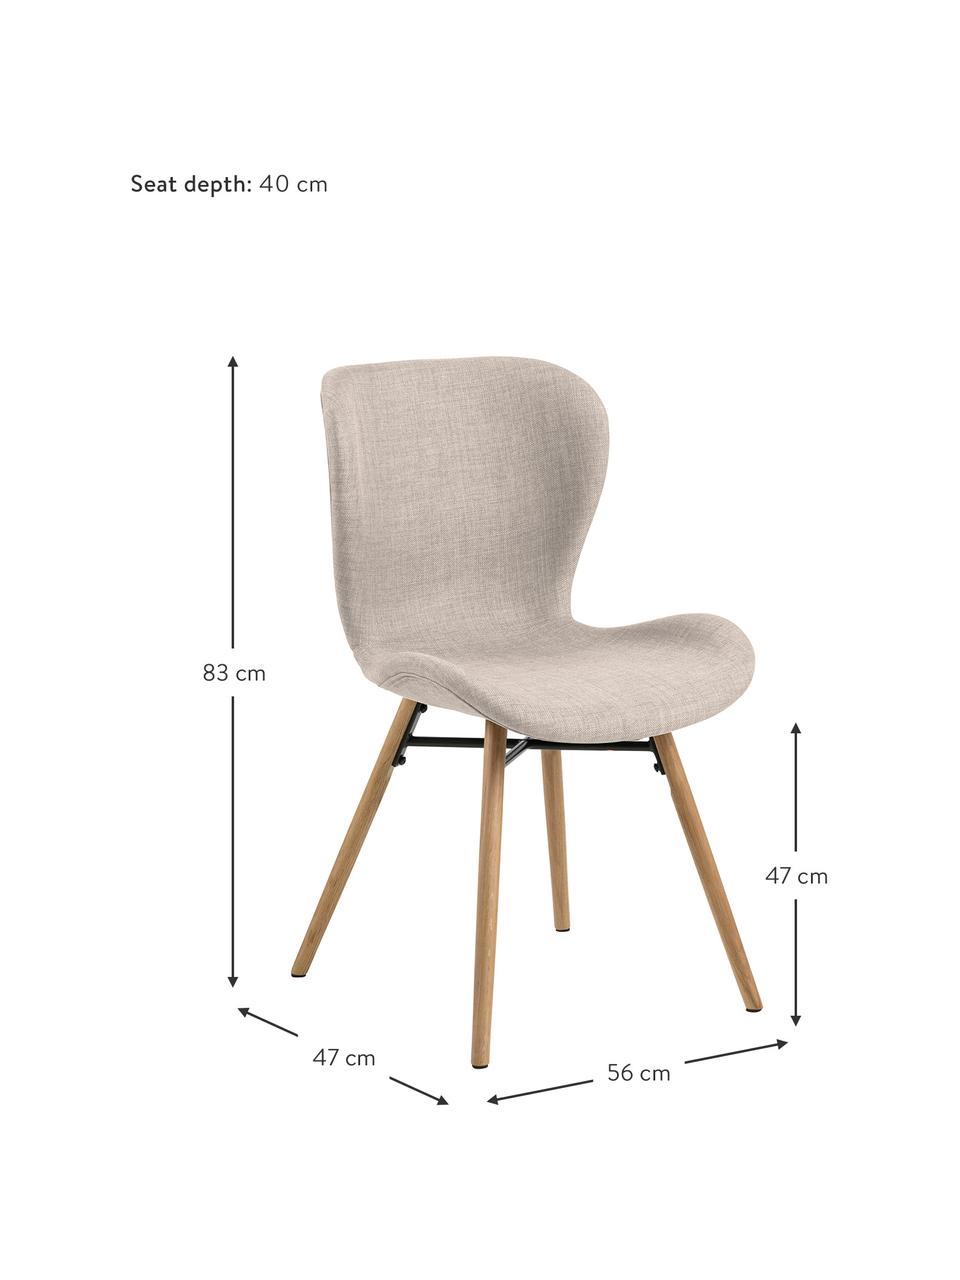 Krzesło tapicerowane Batilda, 2 szt., Tapicerka: poliester Dzięki tkaninie, Nogi: lite drewno dębowe, lakie, Odcienie piaskowego, drewno dębowe, S 56 x G 47 cm